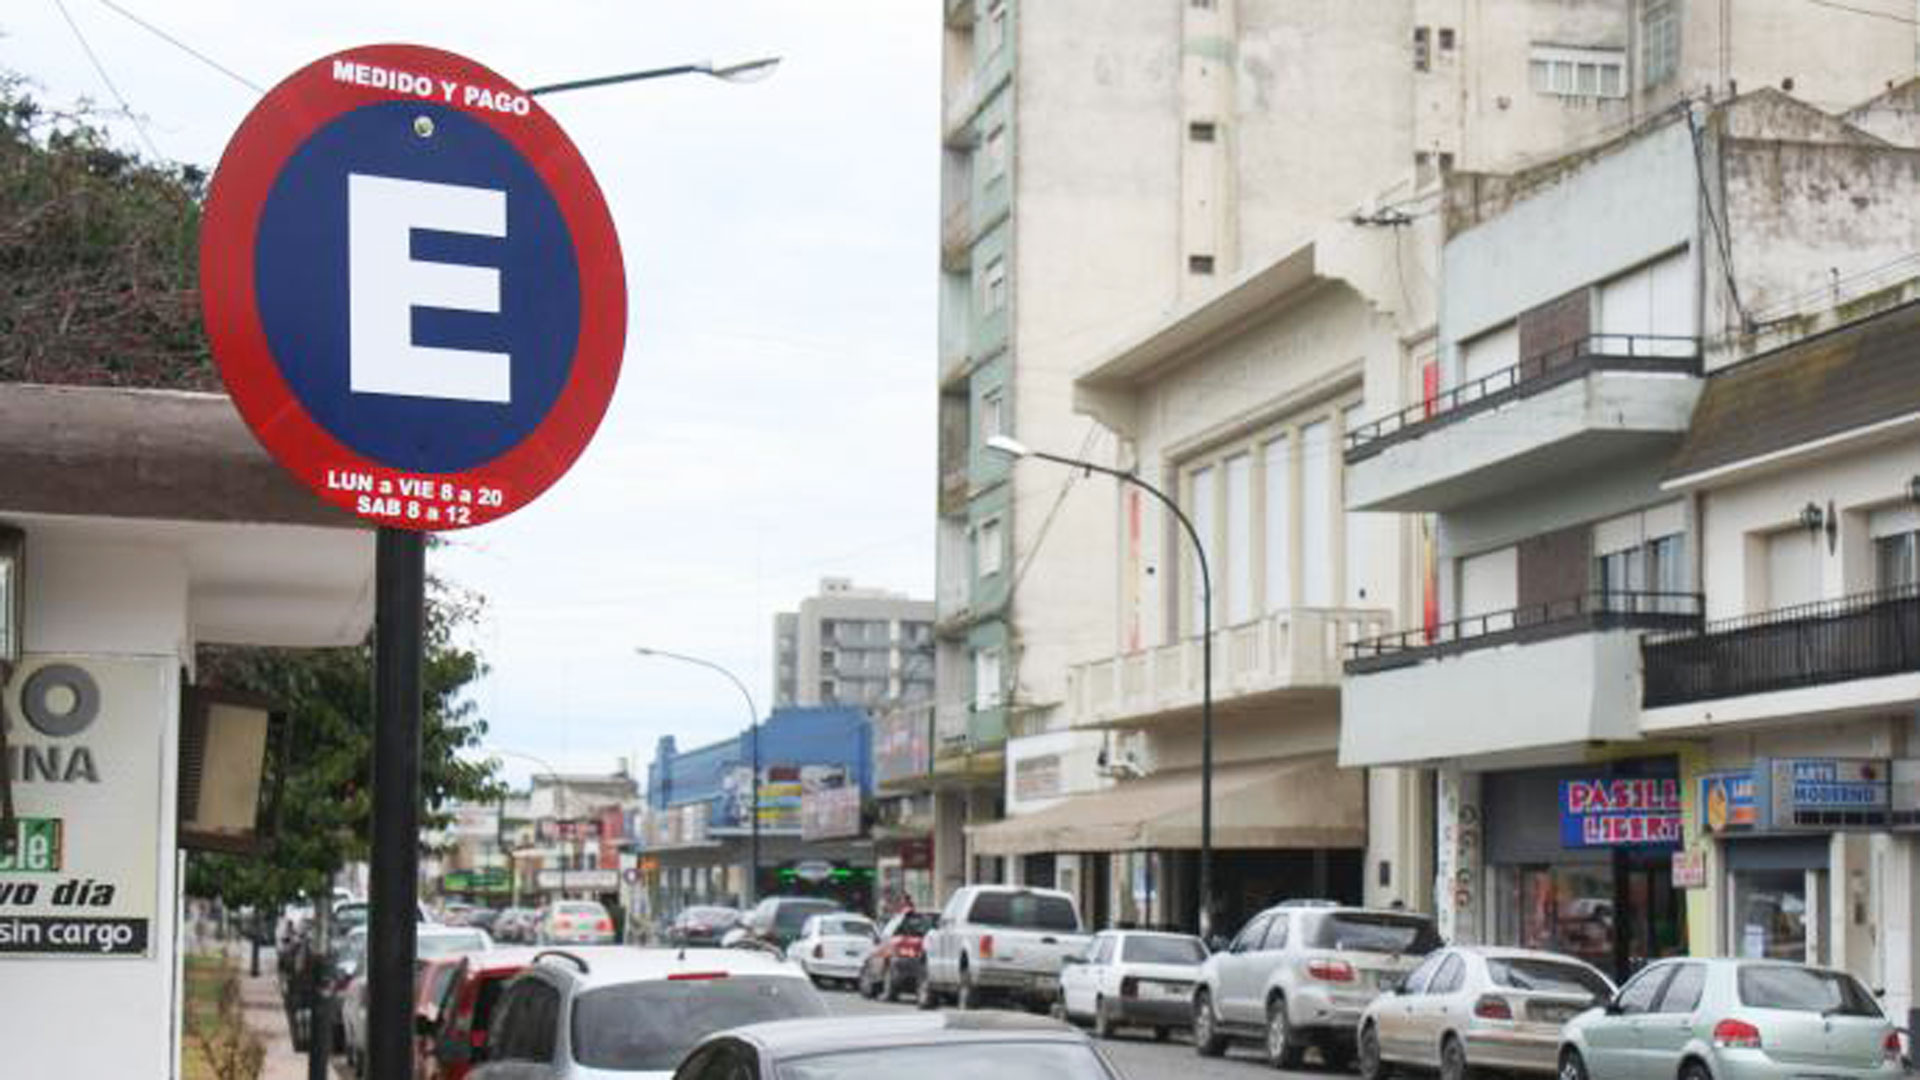 La multa por mal estacionamiento cuesta 100 unidades fijas o, según el valor actual, 1.300 pesos